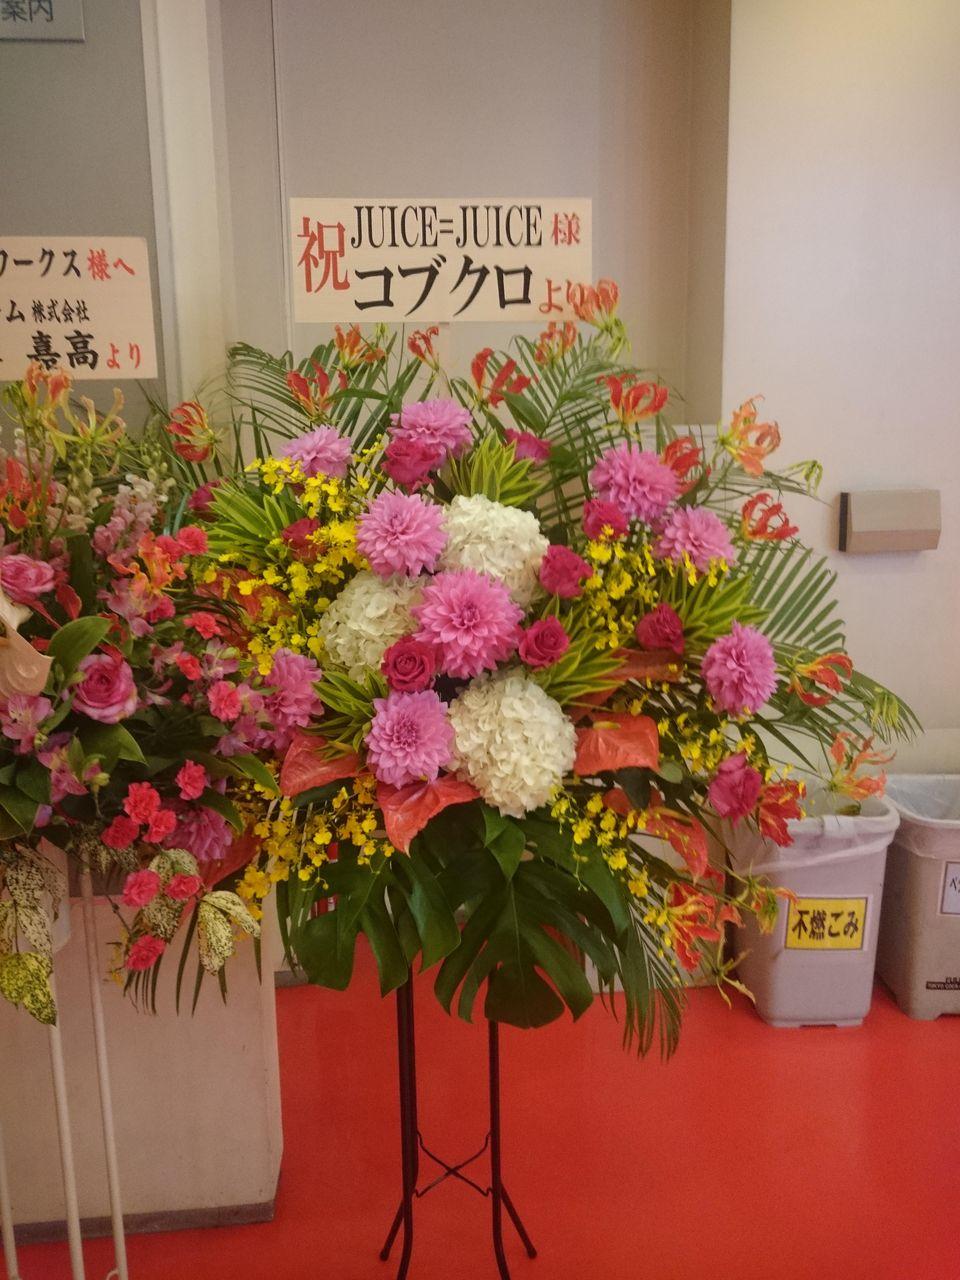 【エンタメ画像】Juice=Juiceのライブ会場にコブクロから花来たぞ☆☆☆